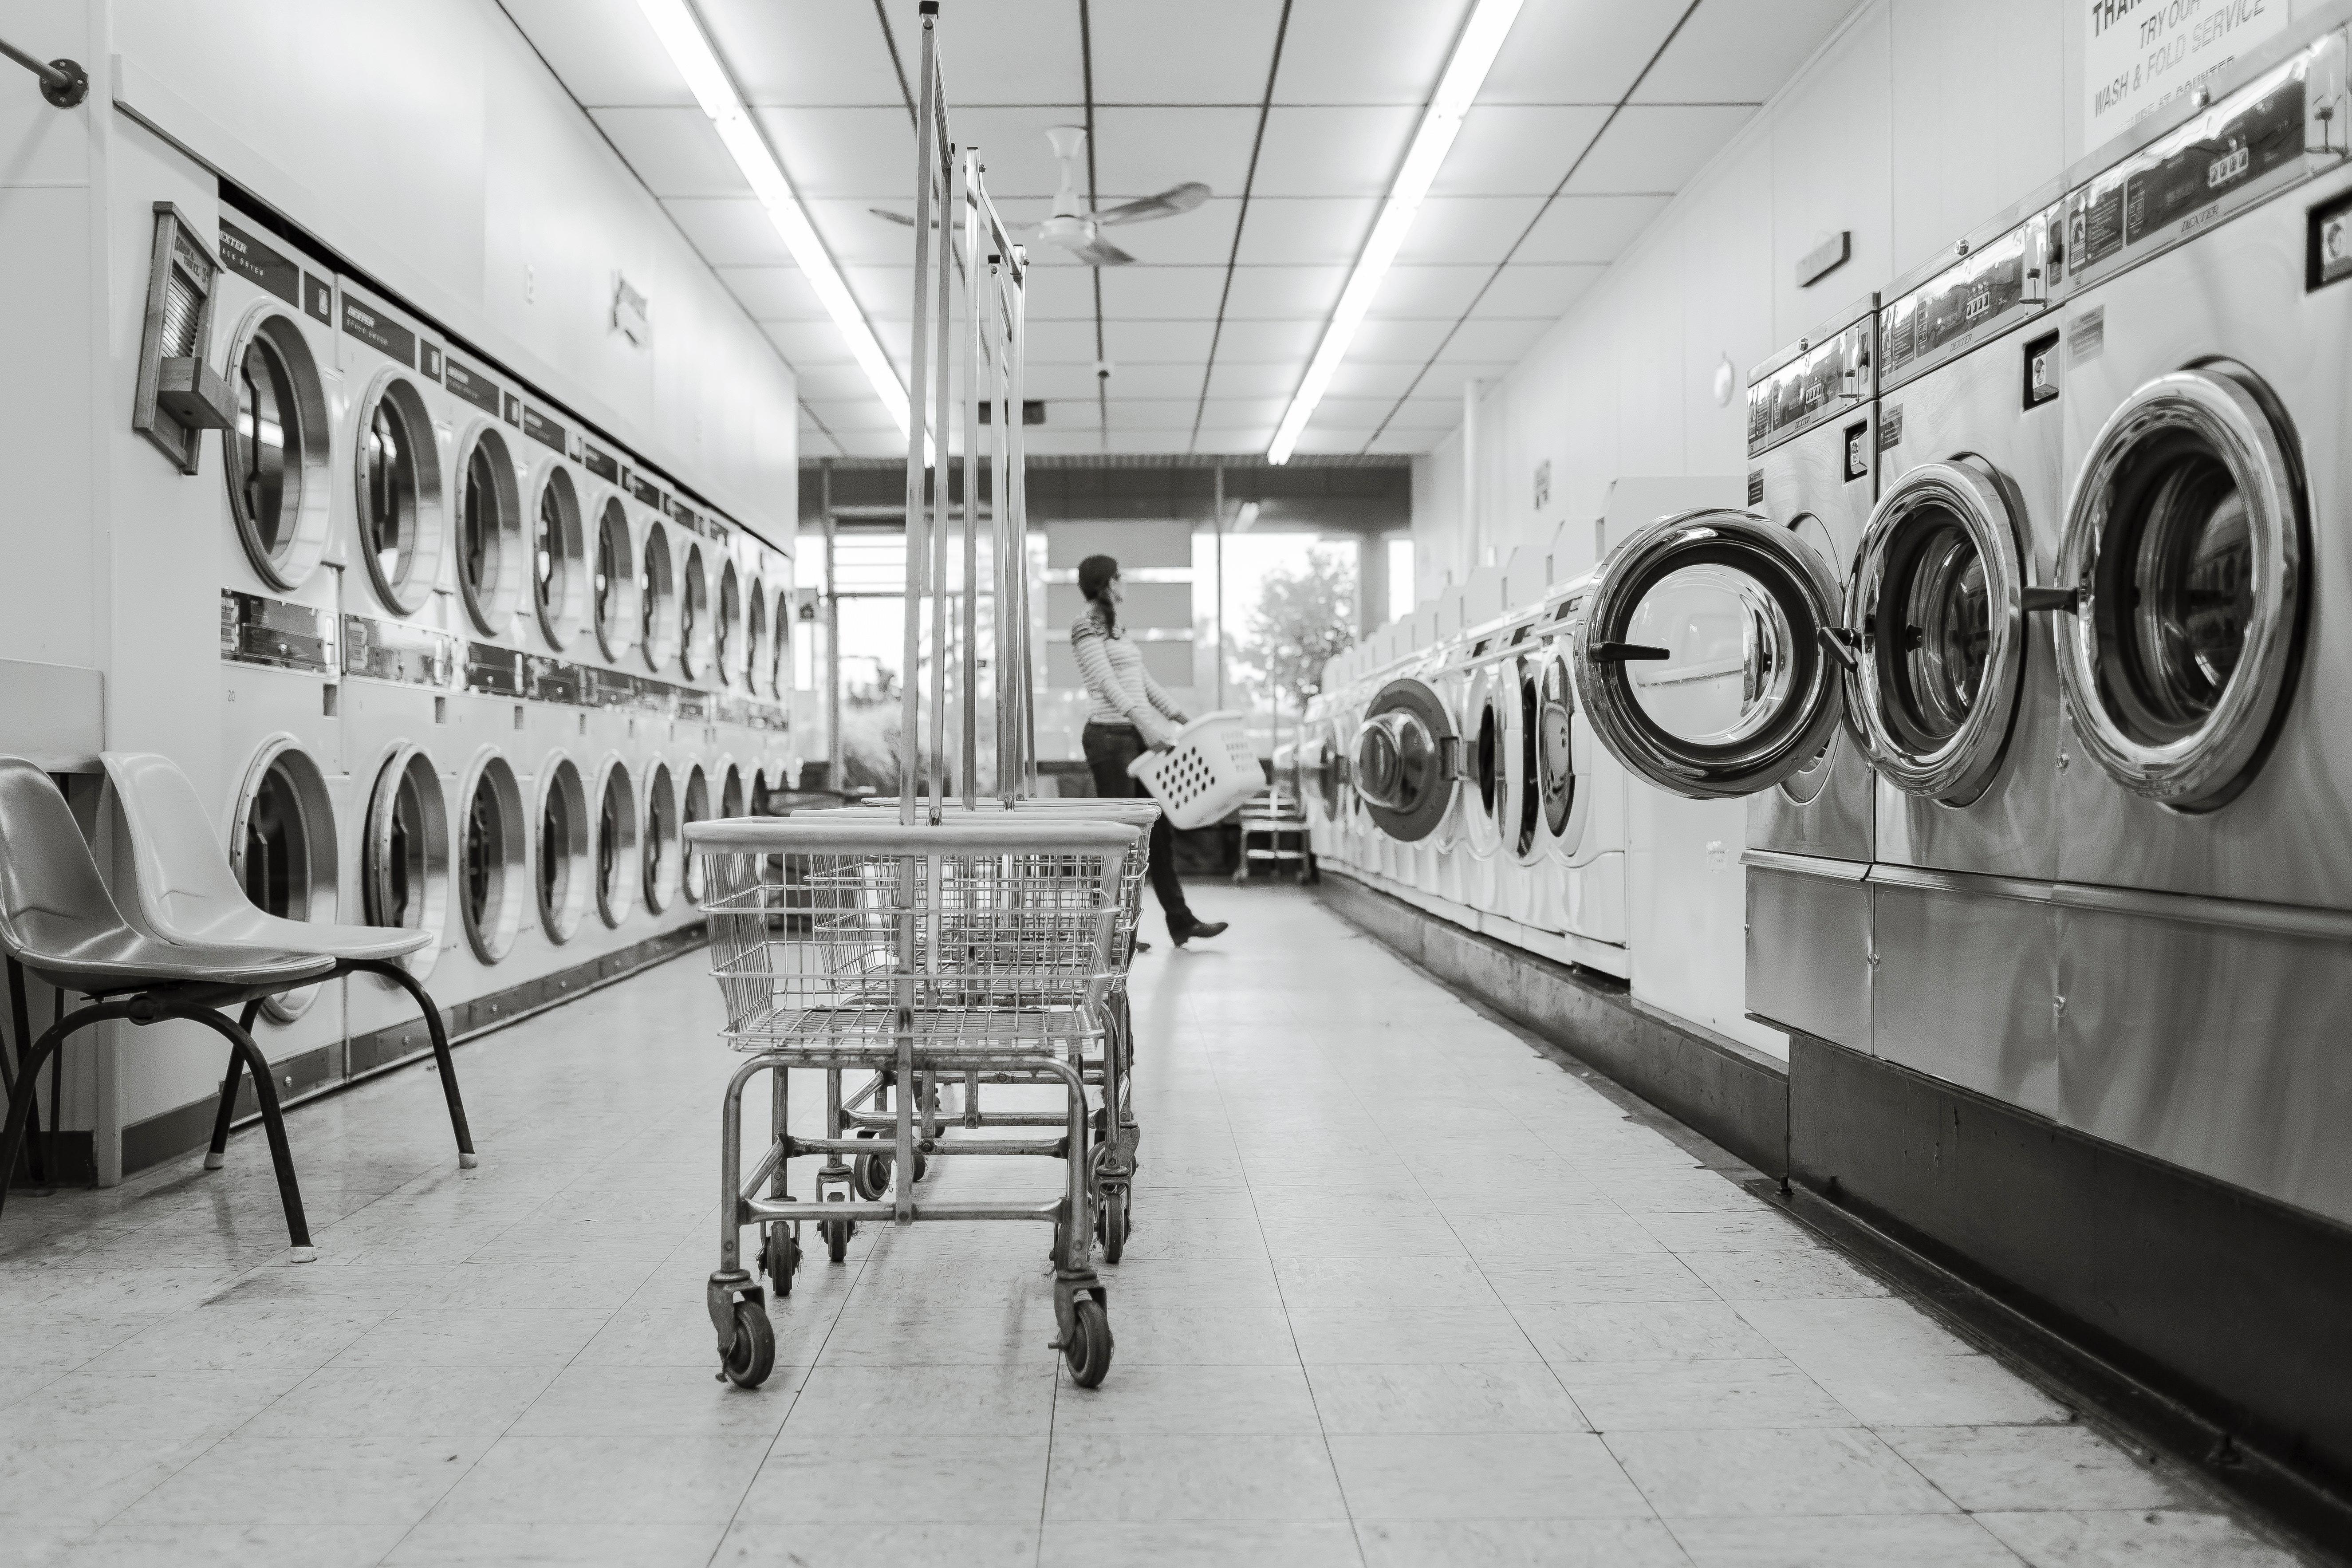 Prací prostředky pro hotely a prádelny